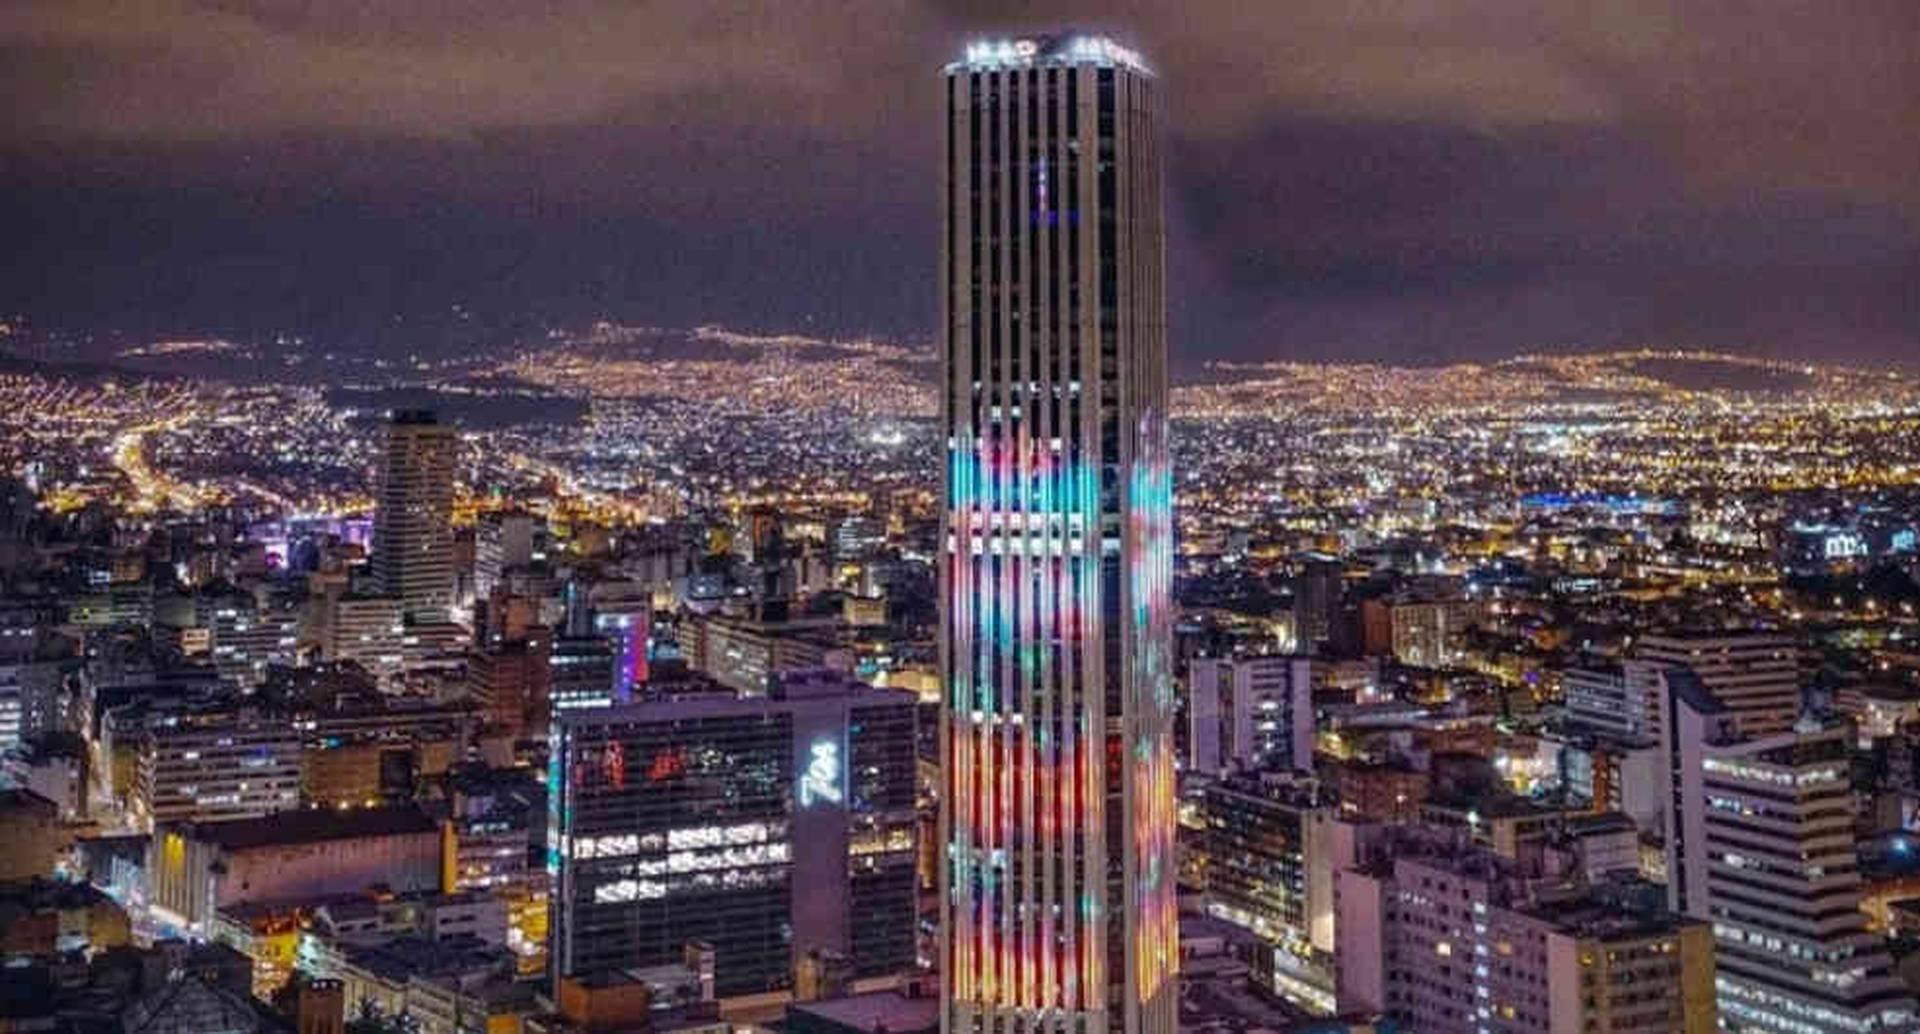 Médicos, enfermeros, veterinarios, domiciliarios o repartidores, campesinos y/o cultivadores, aseadores, personal de supermercados, empleados bancarios, policías y soldados son algunos de los colombianos que serán homenajeados.